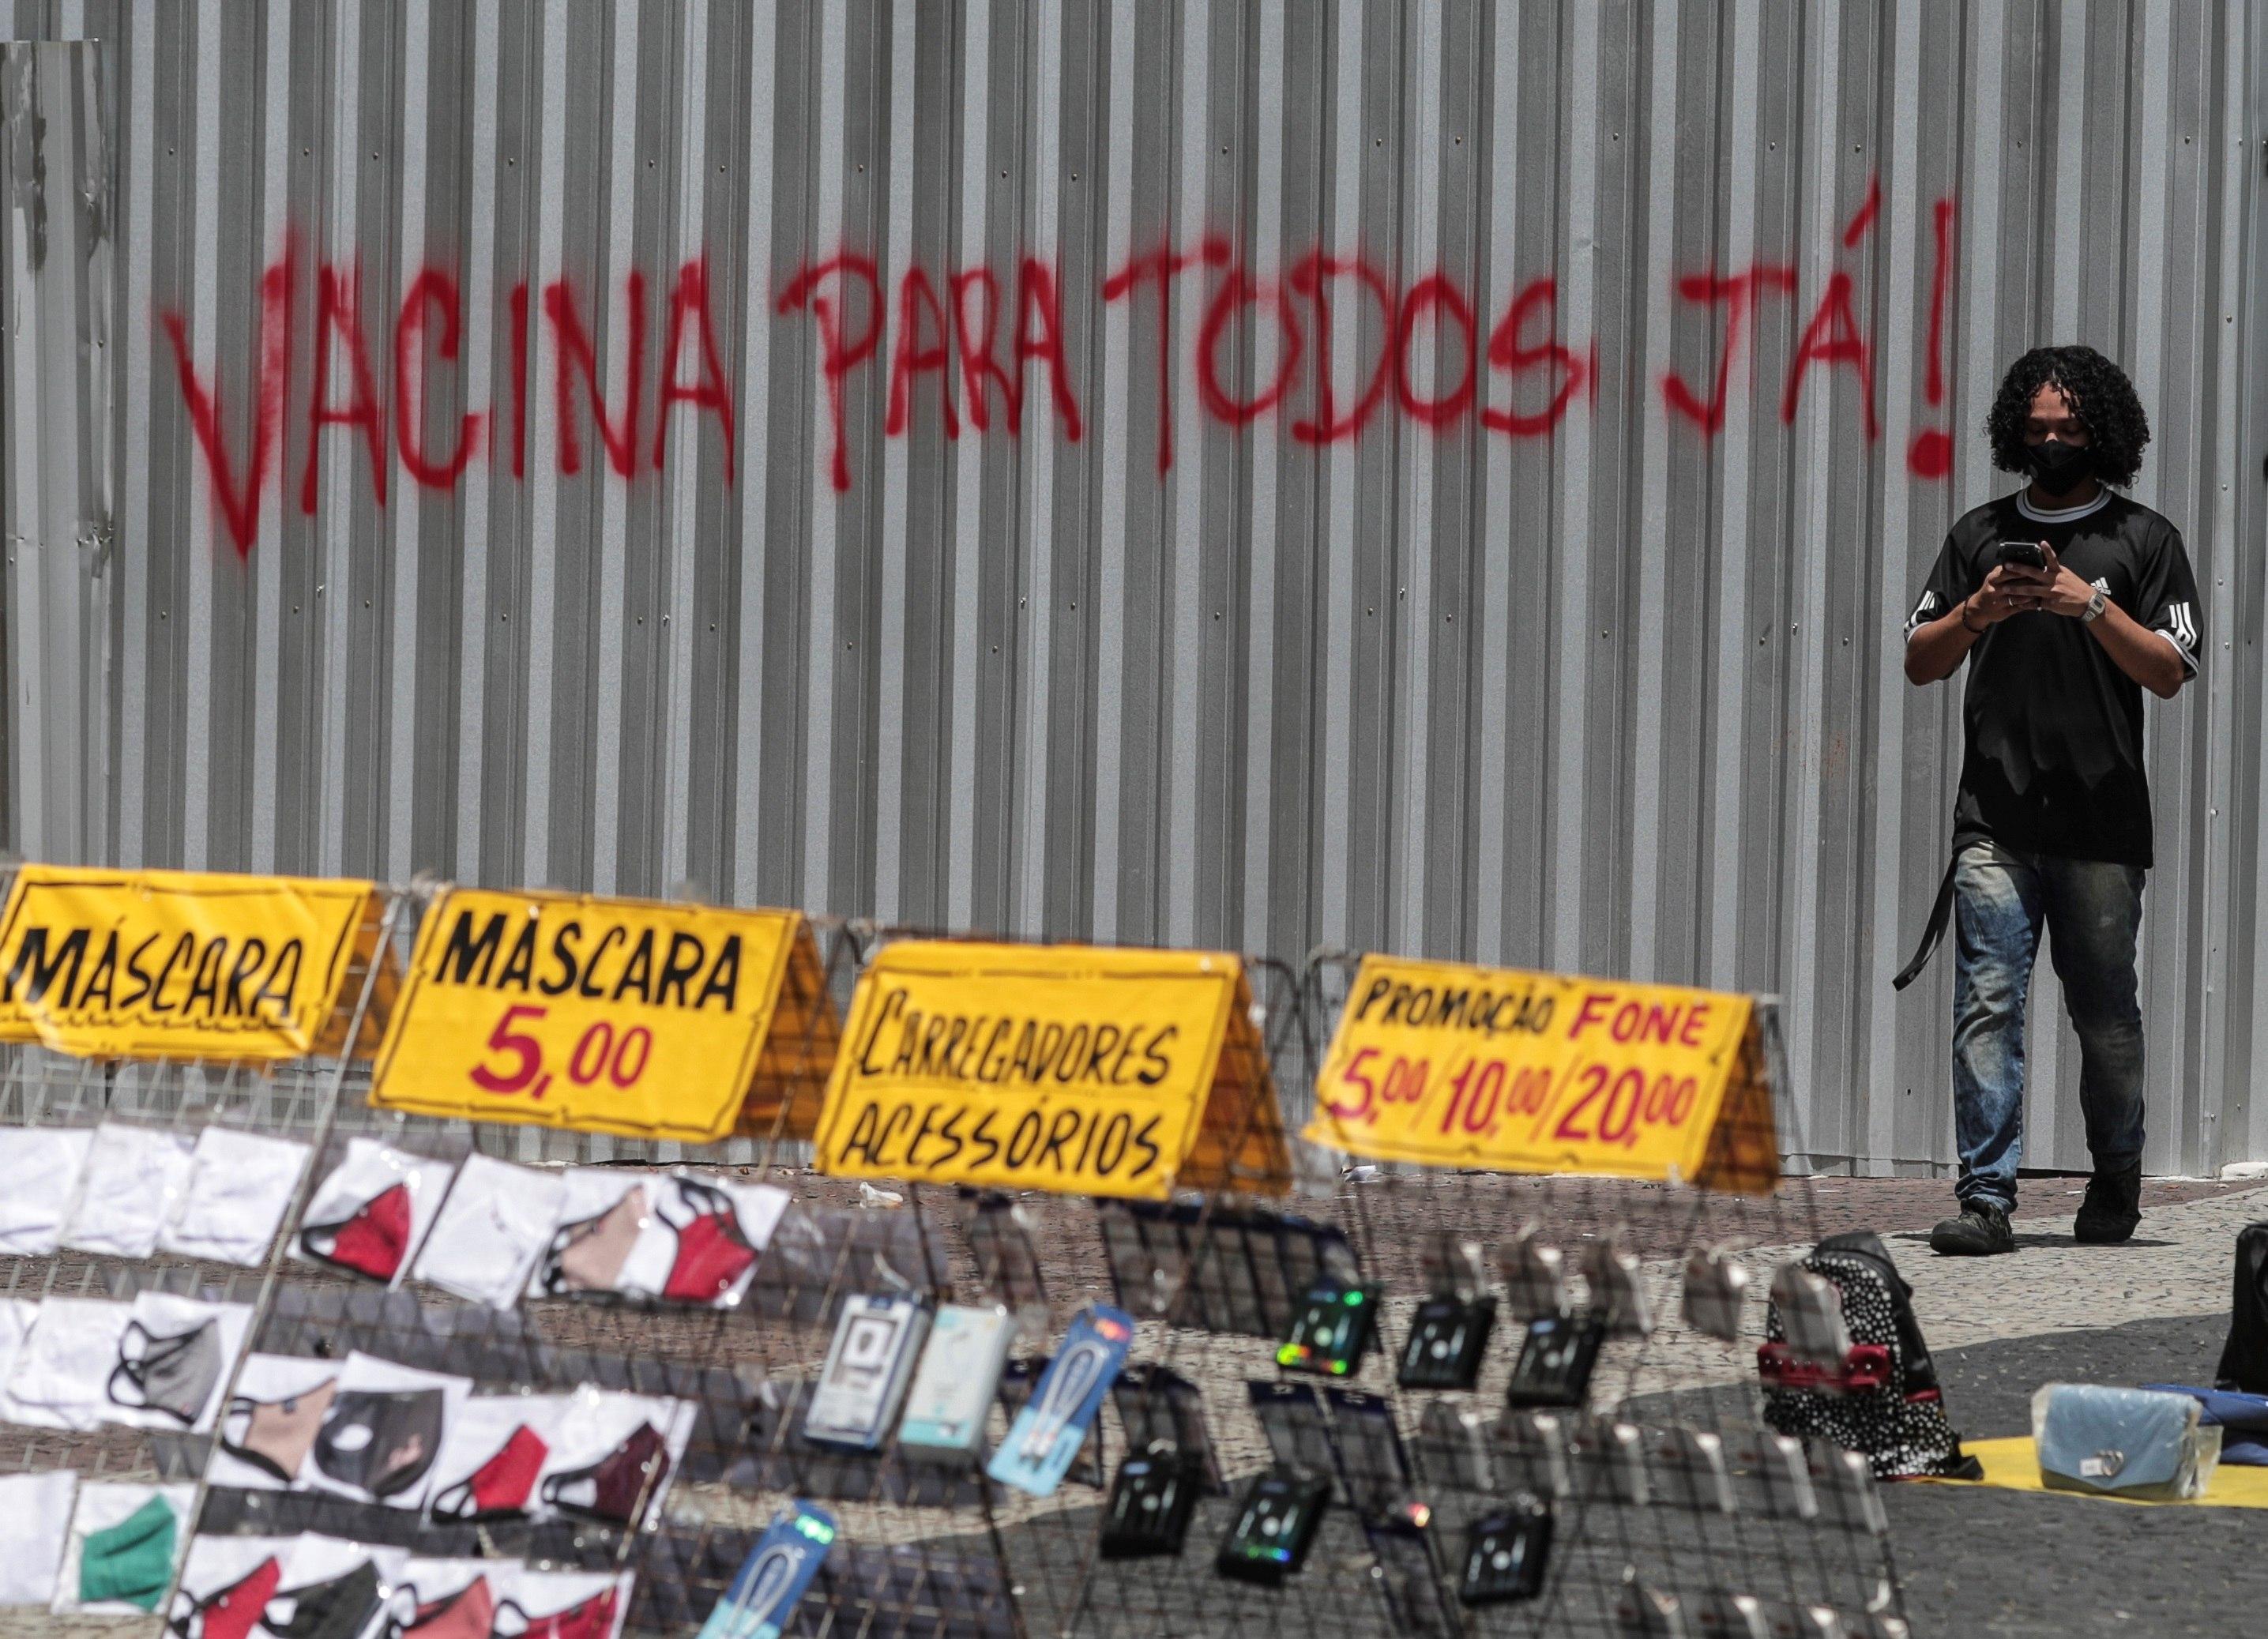 """Un graffiti requiere """"vacuna para todos"""", en R"""